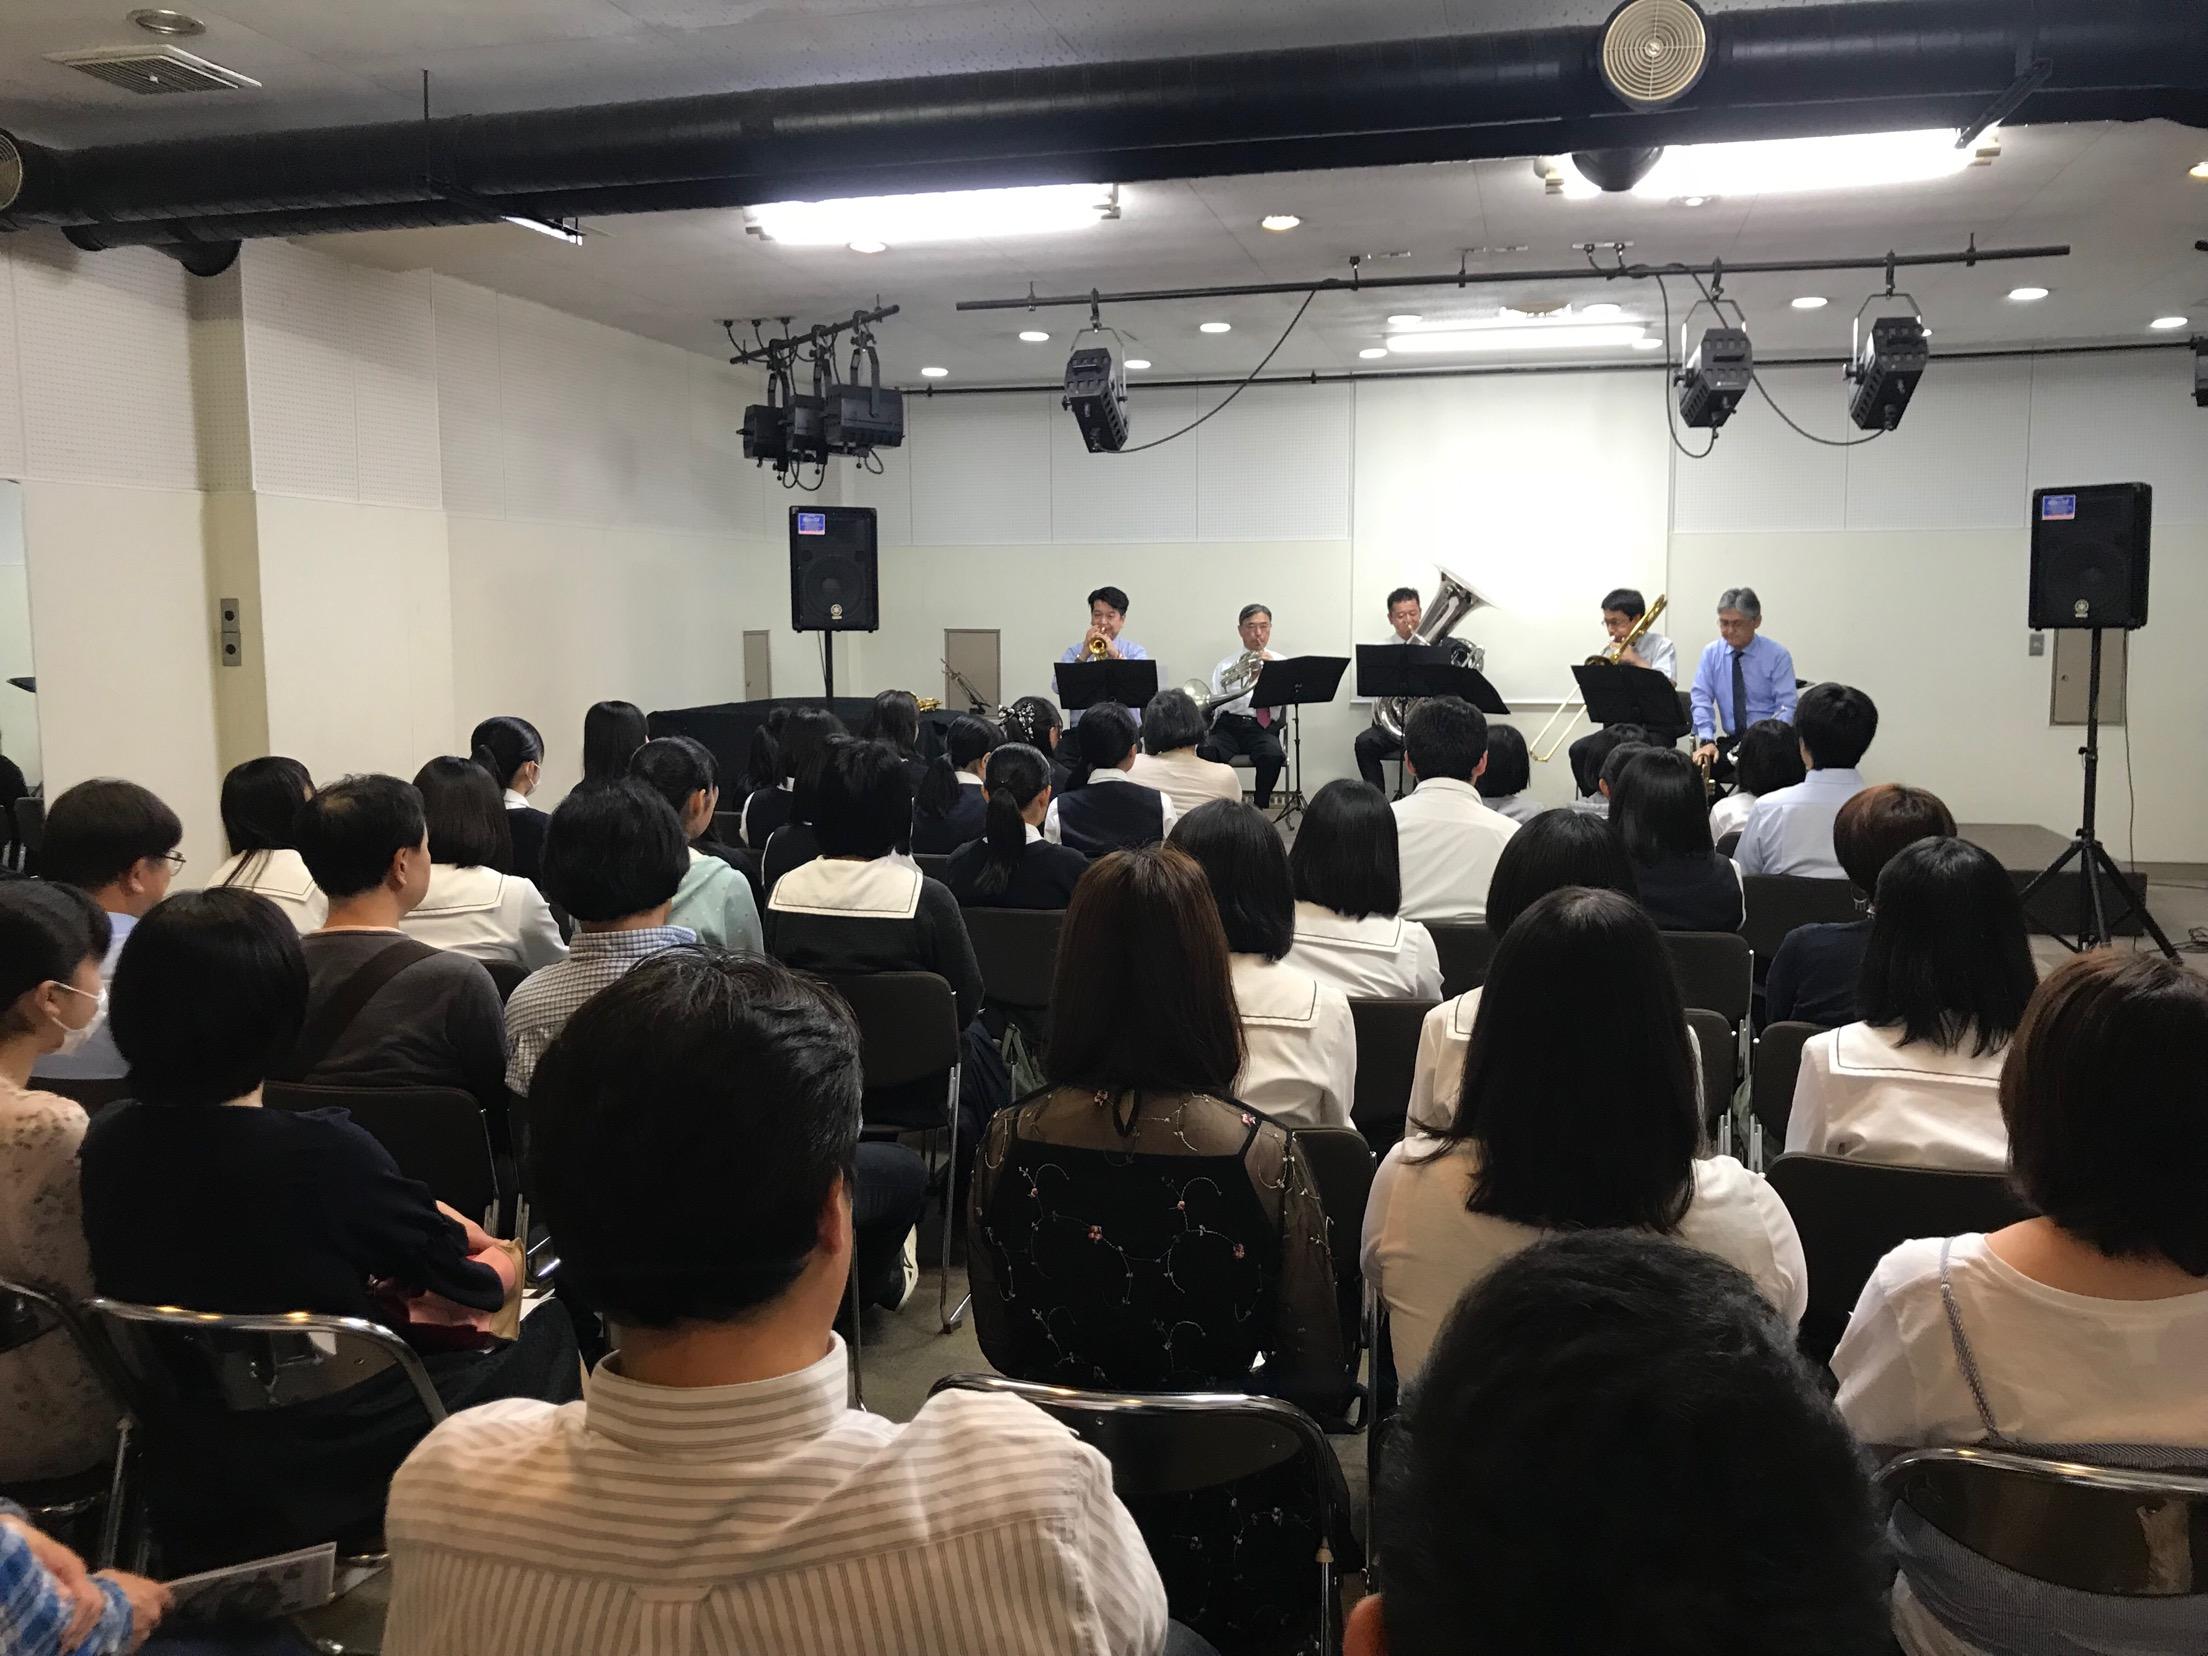 佐野市で「聖徳大学教員による金管五重奏コンサート&クリニック」が開催されました!